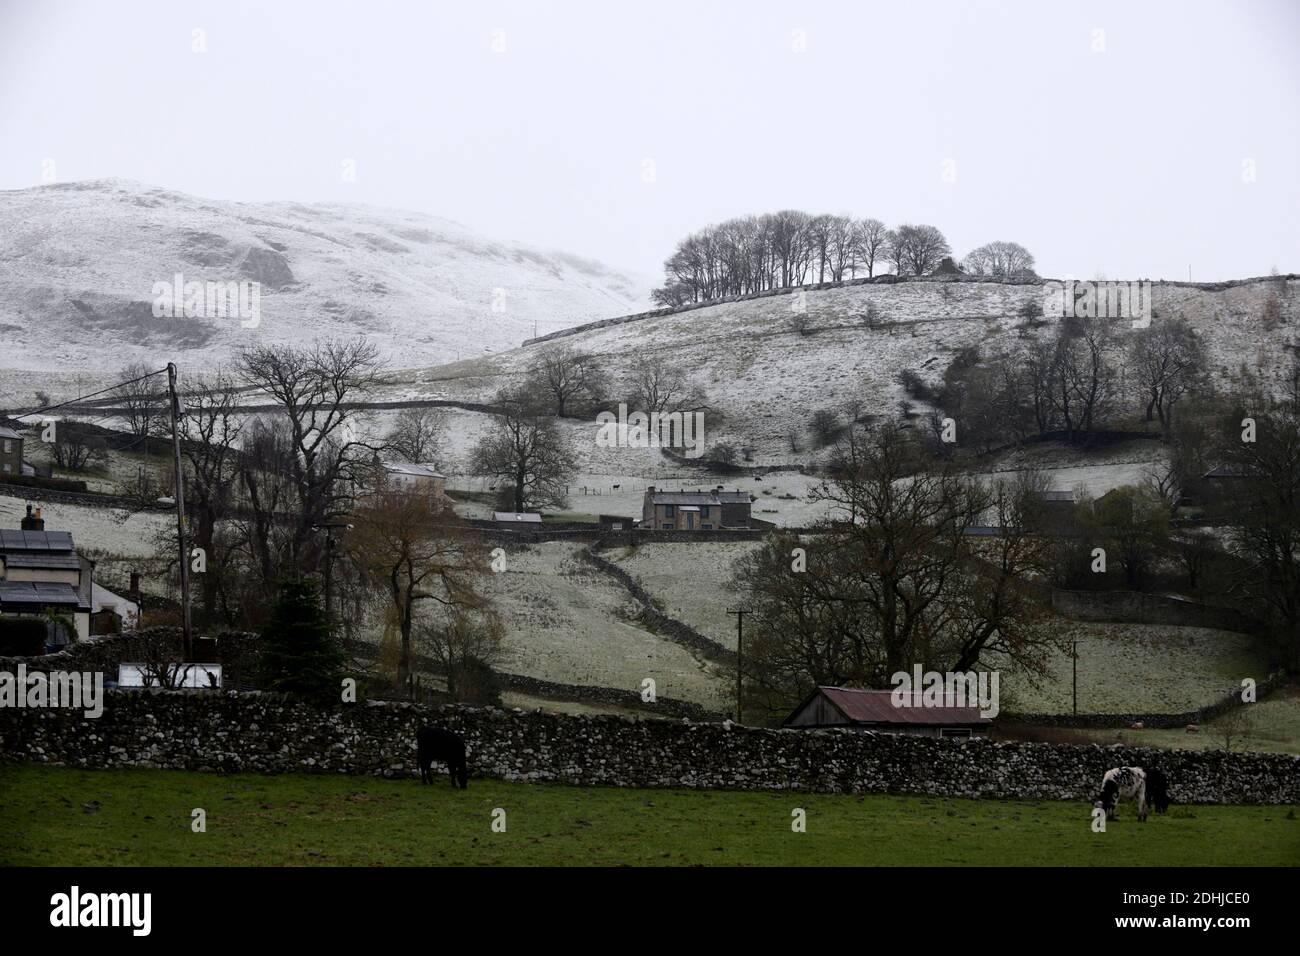 Abgebildet ist eine verschneite Szene in den Yorkshire Dales oben begleichen. Wetter Schnee Winter schneit Stockfoto